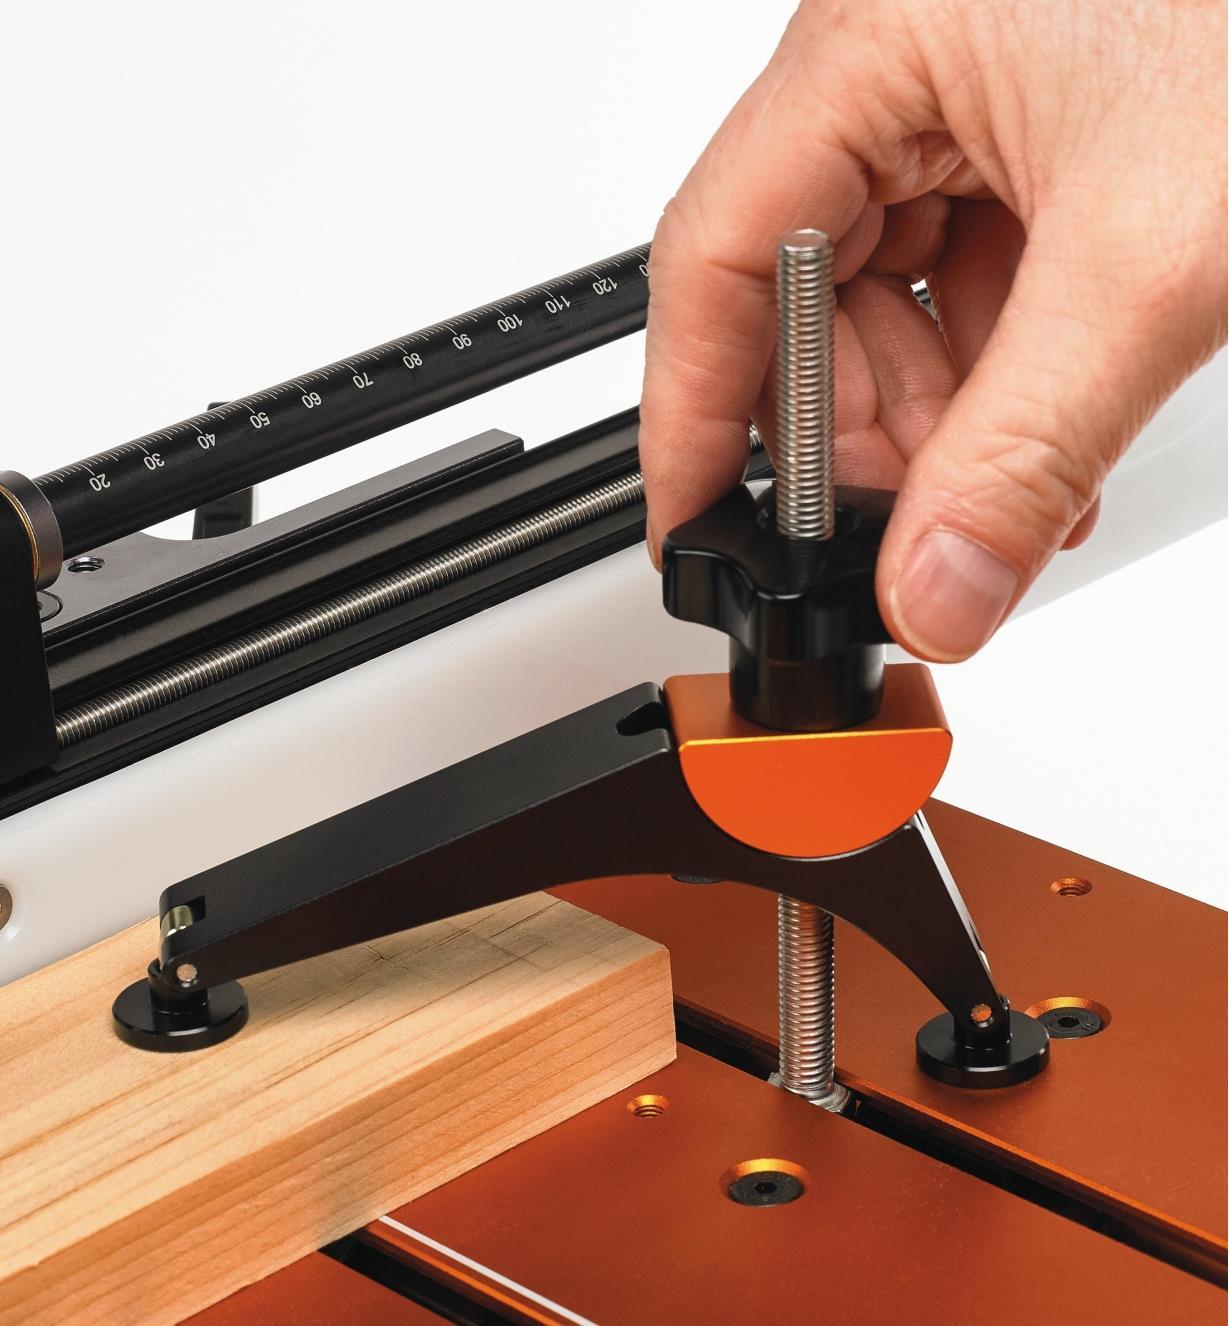 17N1714 - Serre articulée pour guide de coupe de précision Jointmaker Pro BridgeCity